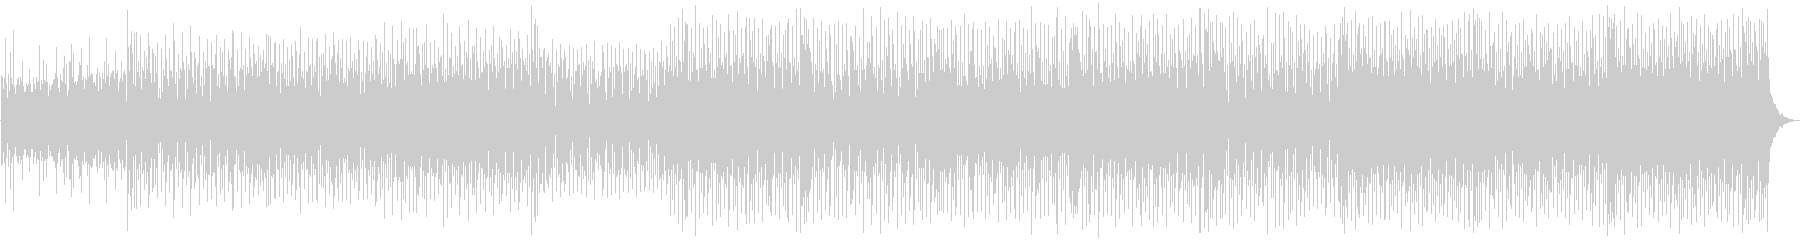 アコーディオン、ピアノ、アコーステ...の未再生の波形